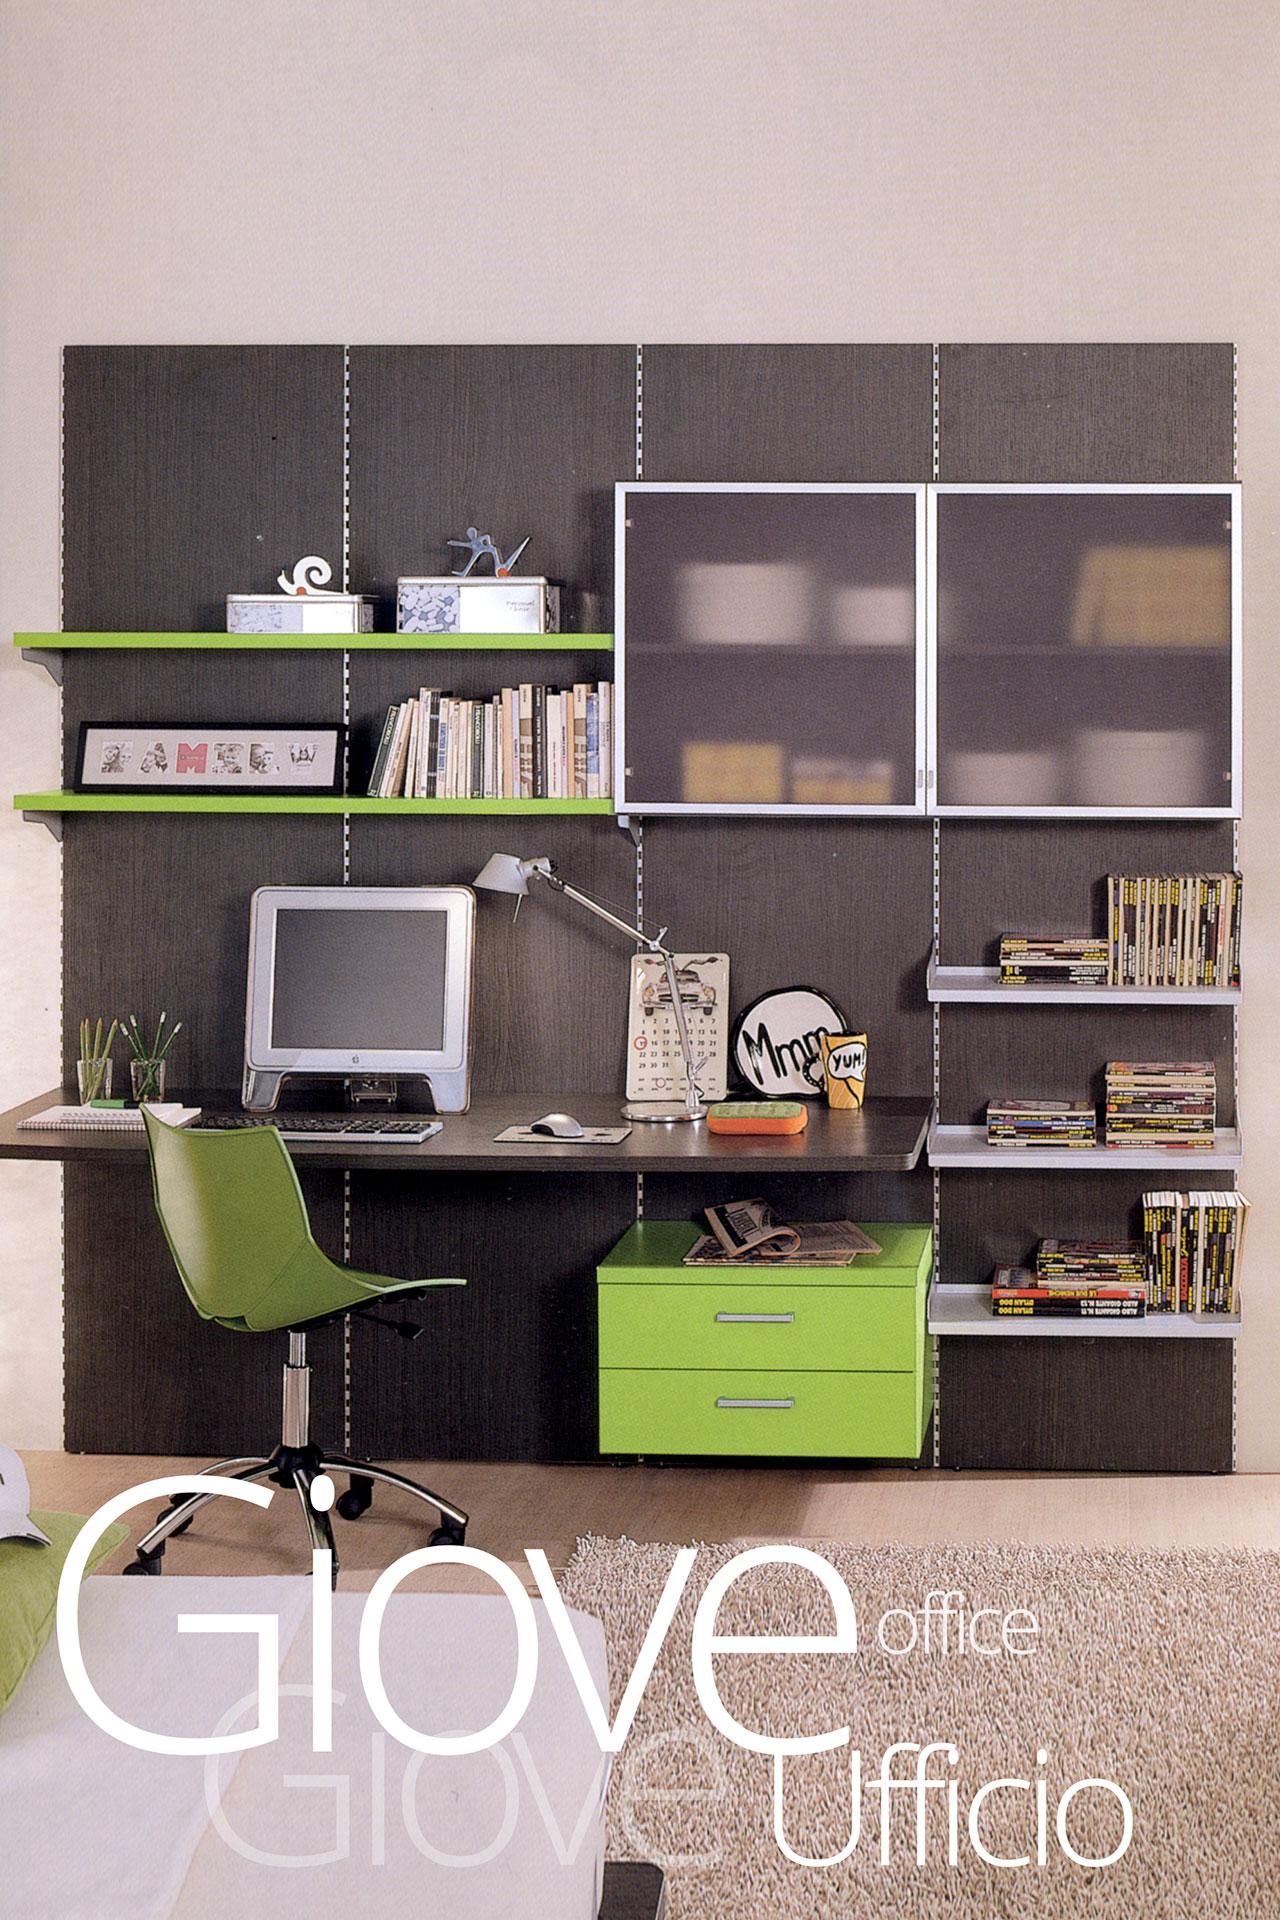 giove-ufficio40x60